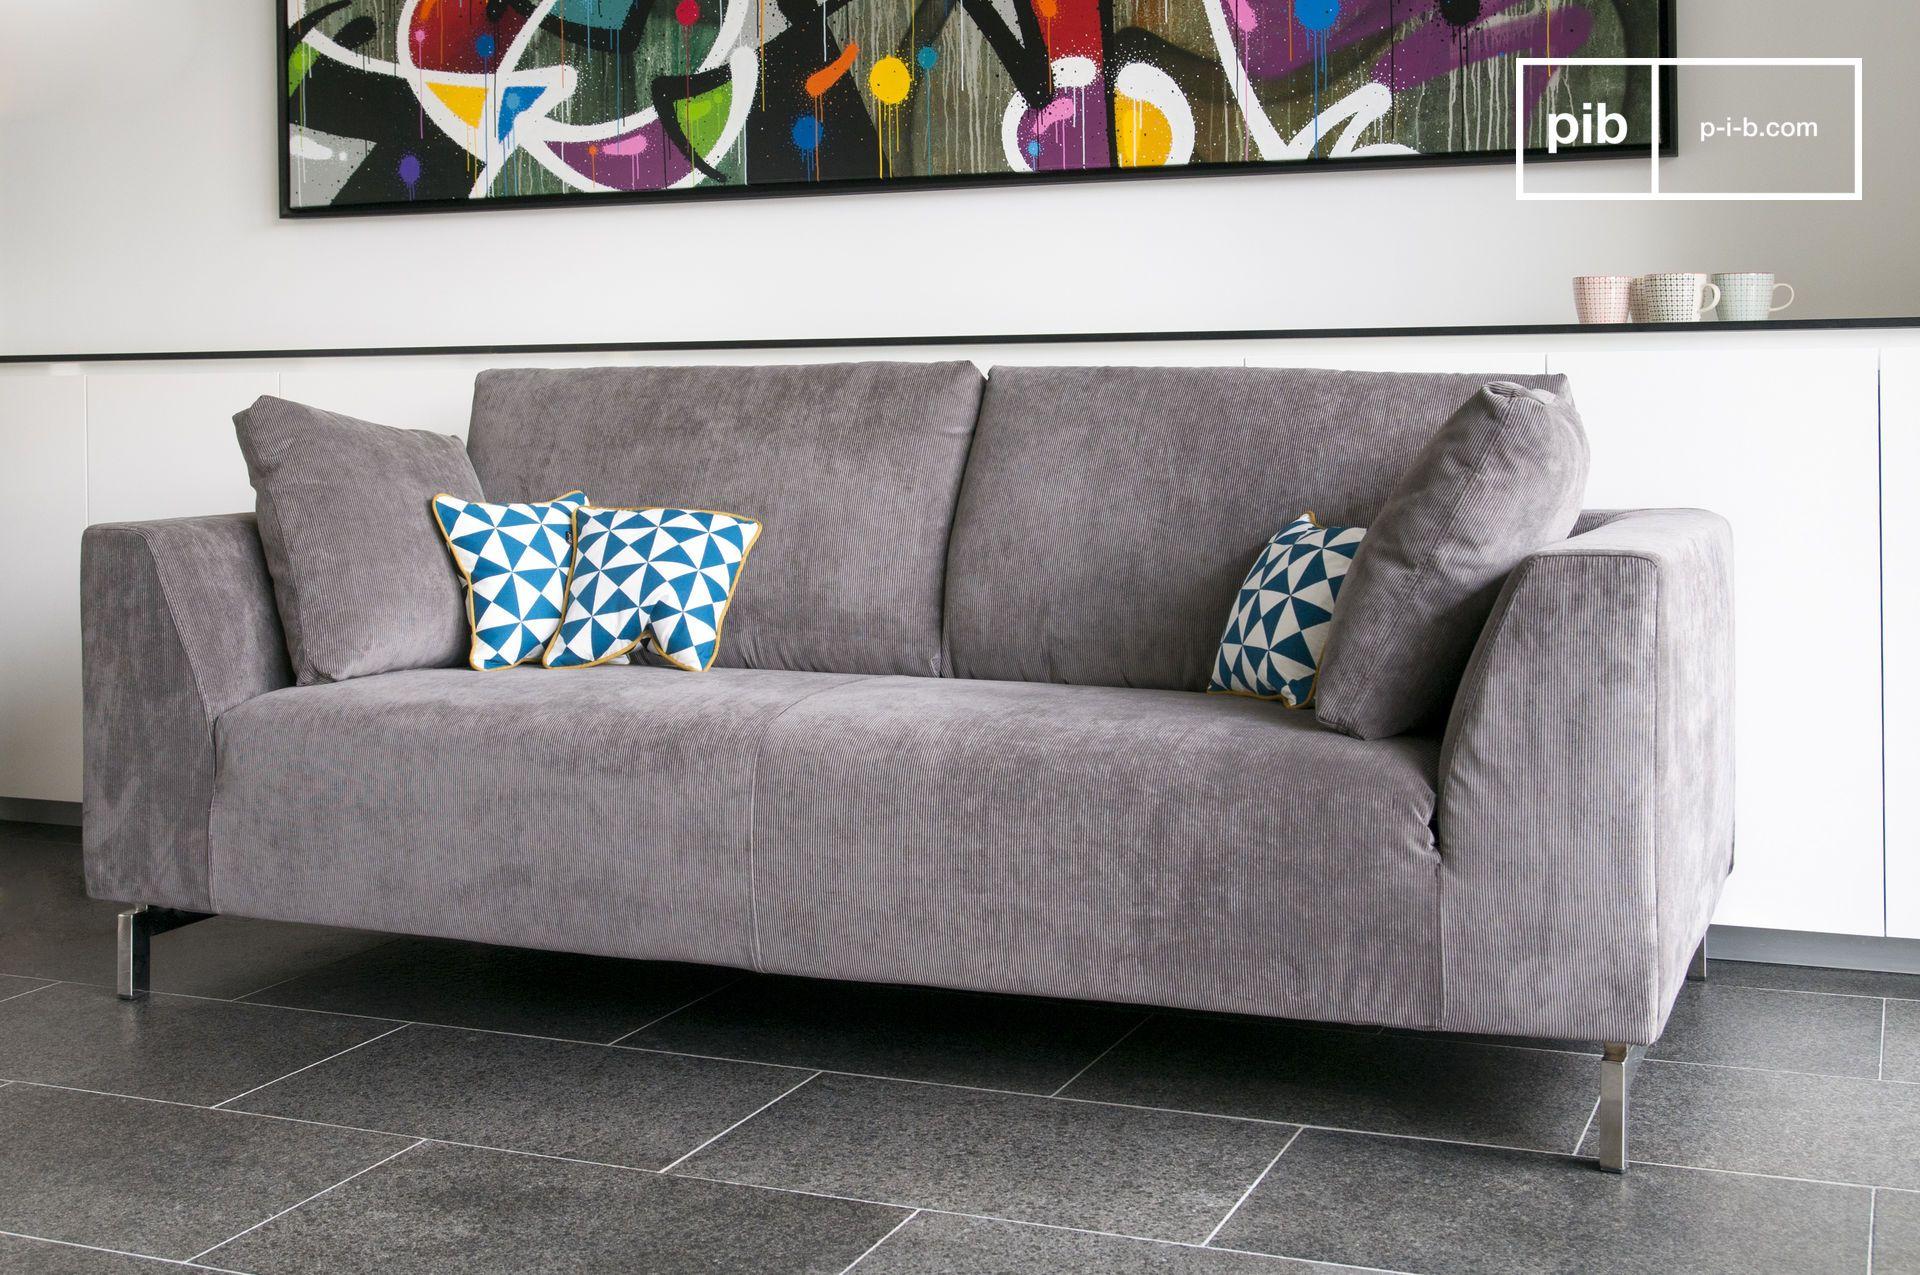 Gemutliche Couch Dekoration : Ausziehbares sofa dakota couch und schlicht